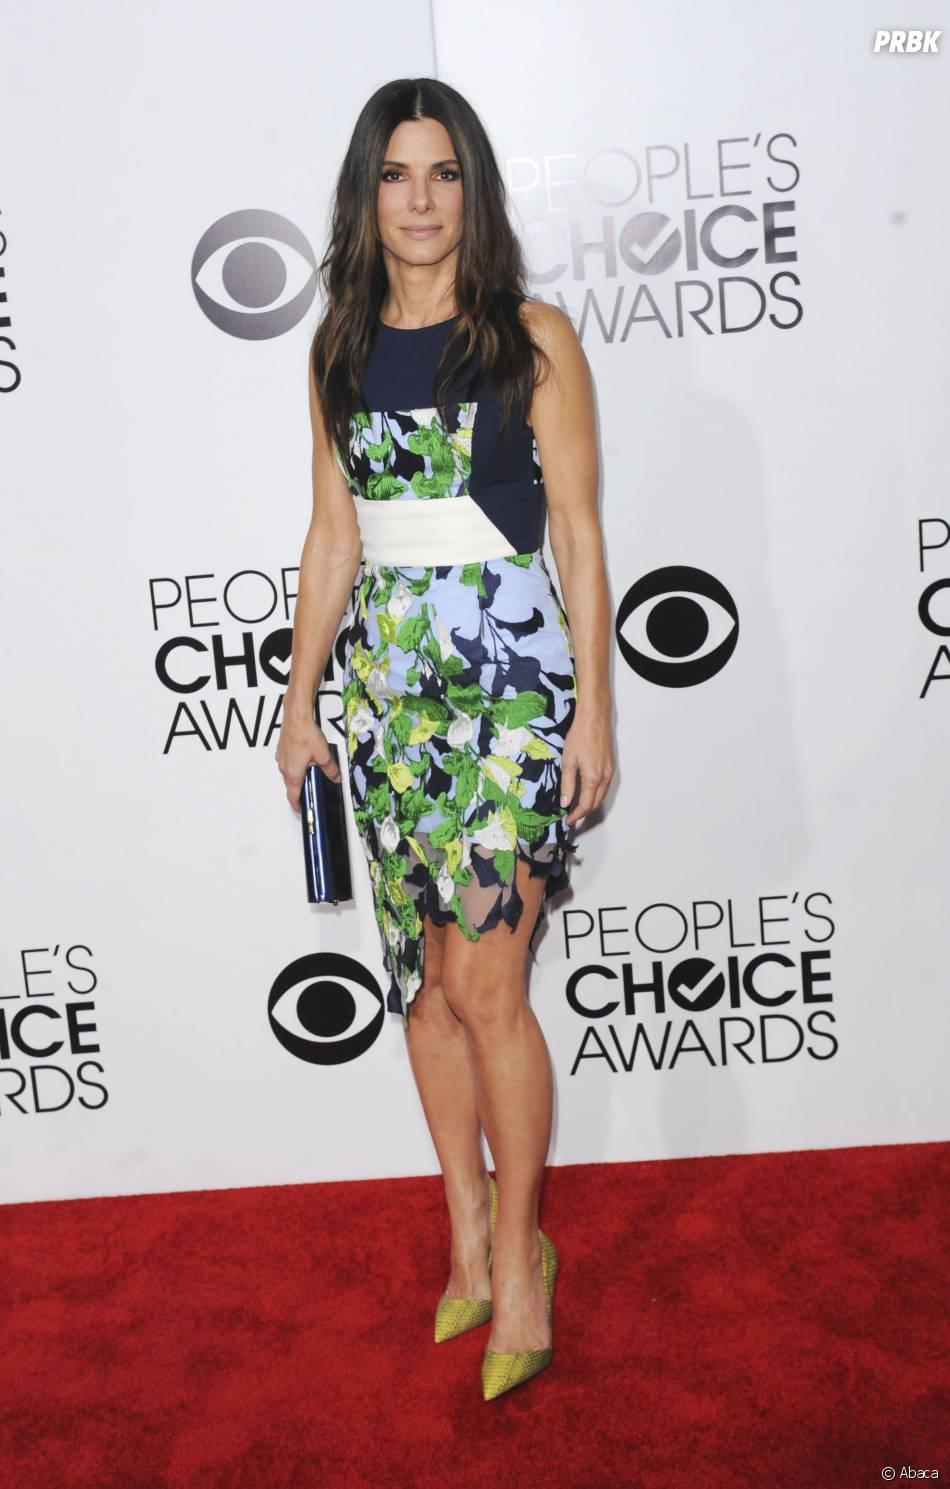 People's Choice Awards 2014 : Sandra Bullock reine de la soirée